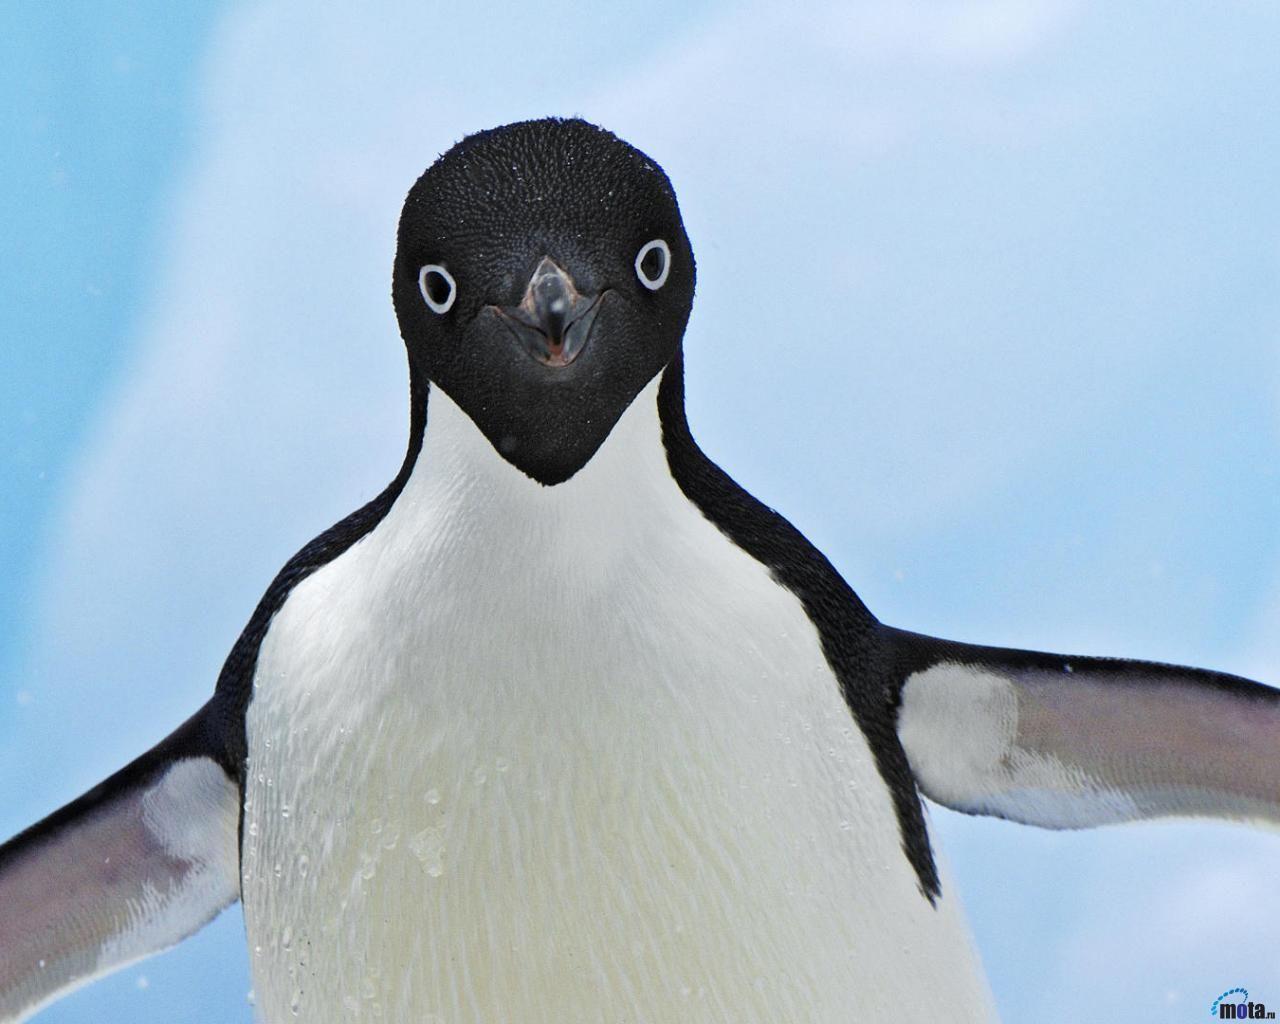 Pingüinos En Peligro De Extinción Por Cambio Climático Pingüino Divertido Animales En Peligro De Extincion Especies De Pinguinos